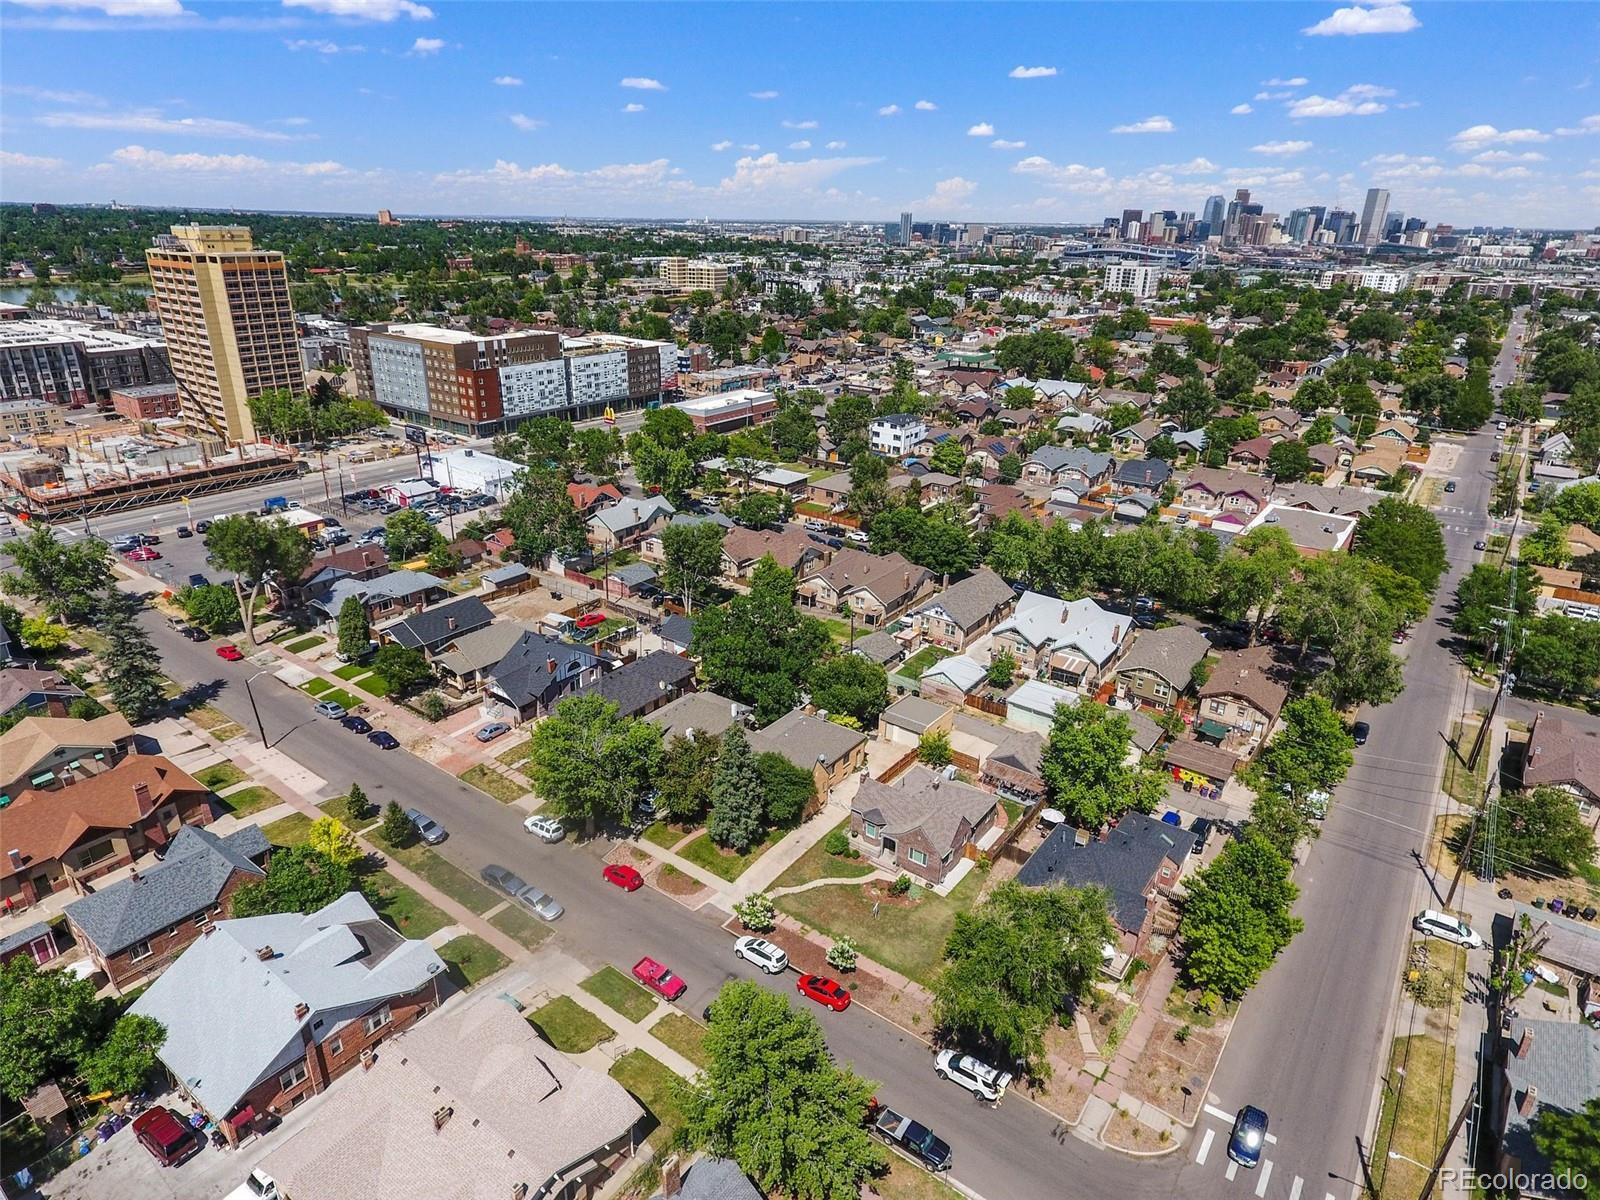 MLS# 4638572 - 4 - 1410 N Raleigh Street, Denver, CO 80204